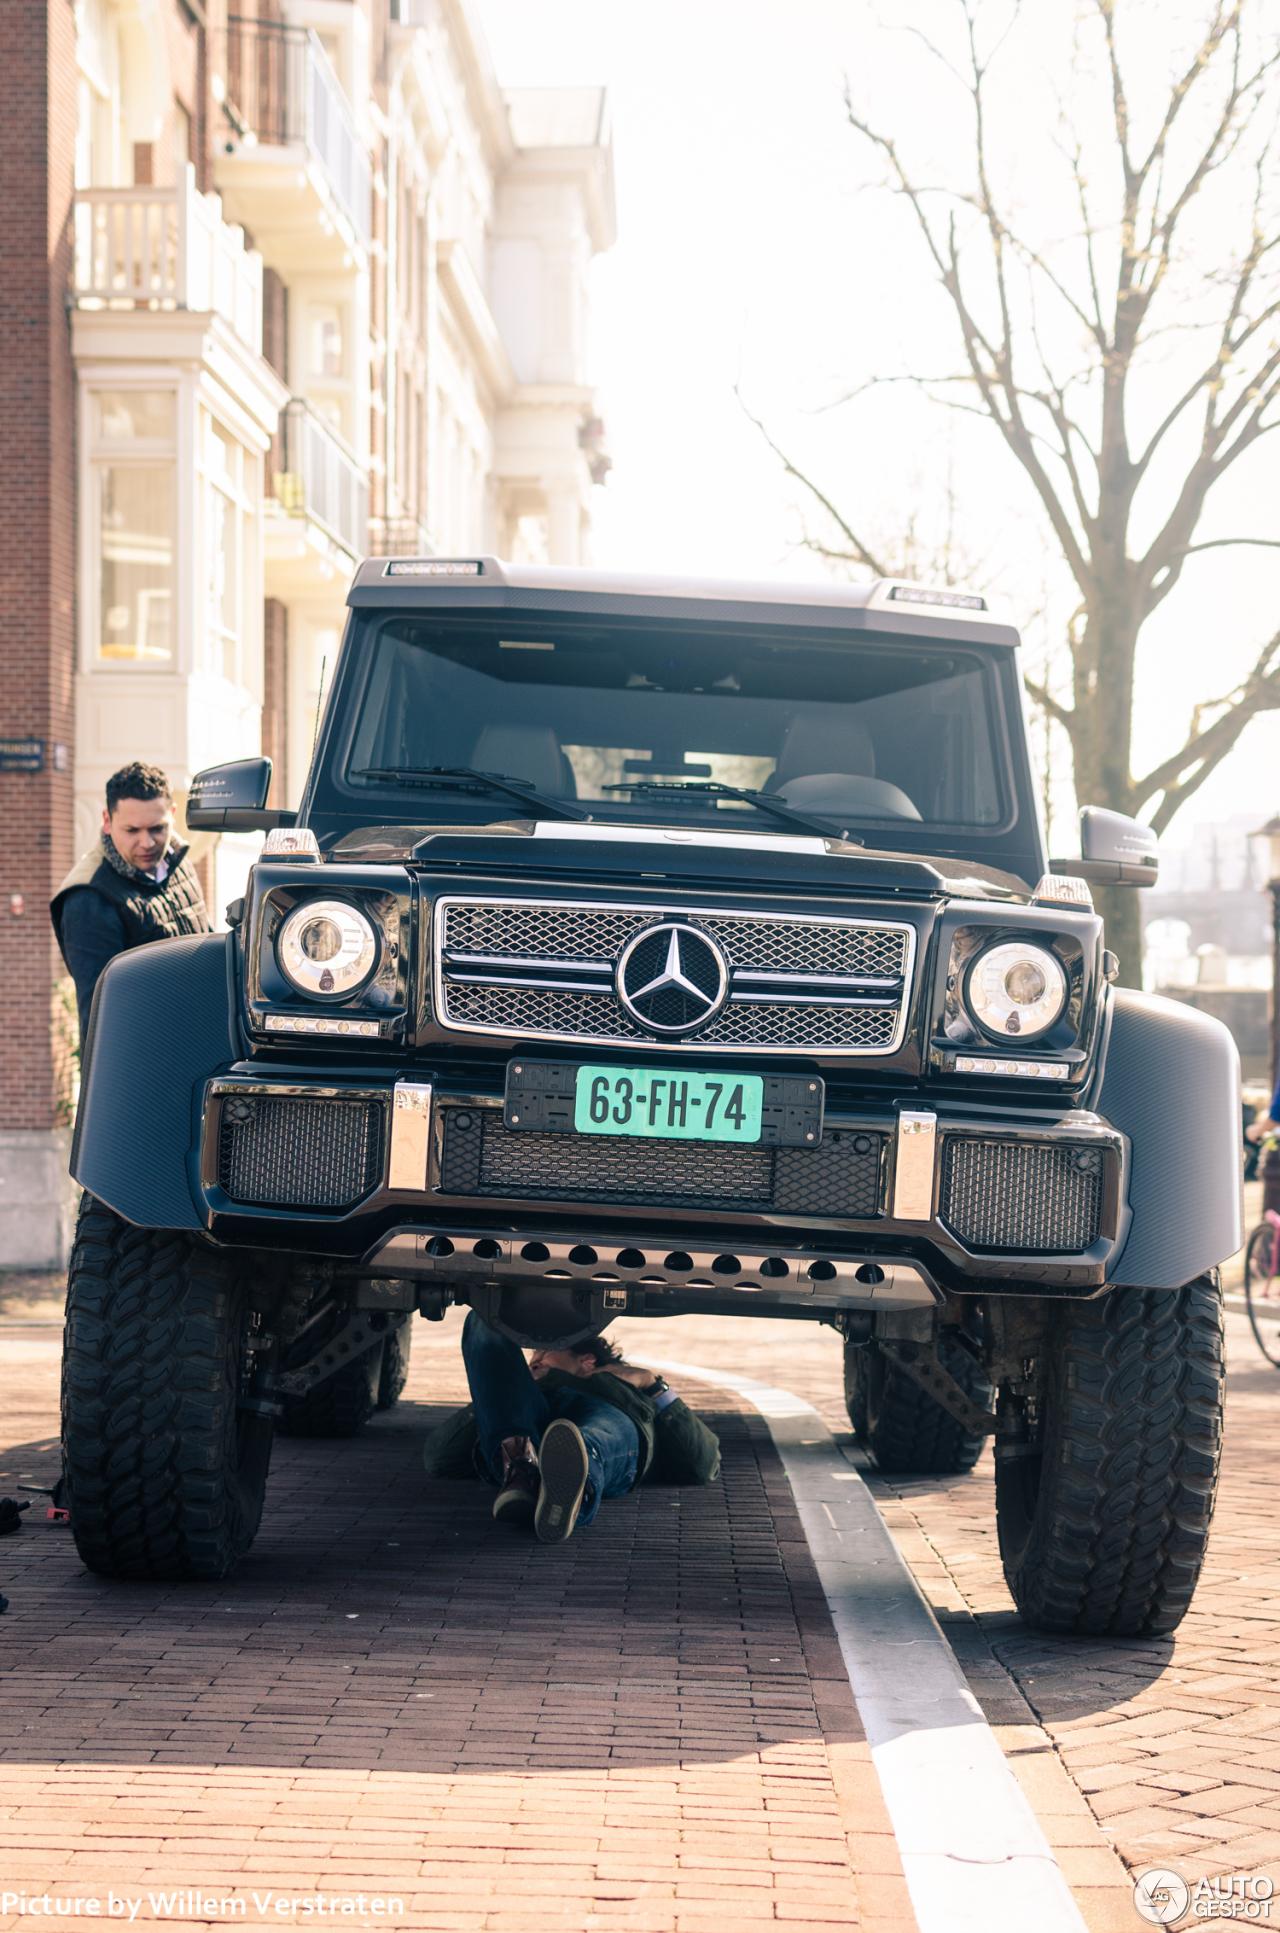 奔驰amg6x6图片 奔驰g63amg6x6进藏 奔驰amg 6x6 奔驰g63 Amg 6x6报价 奔驰g63